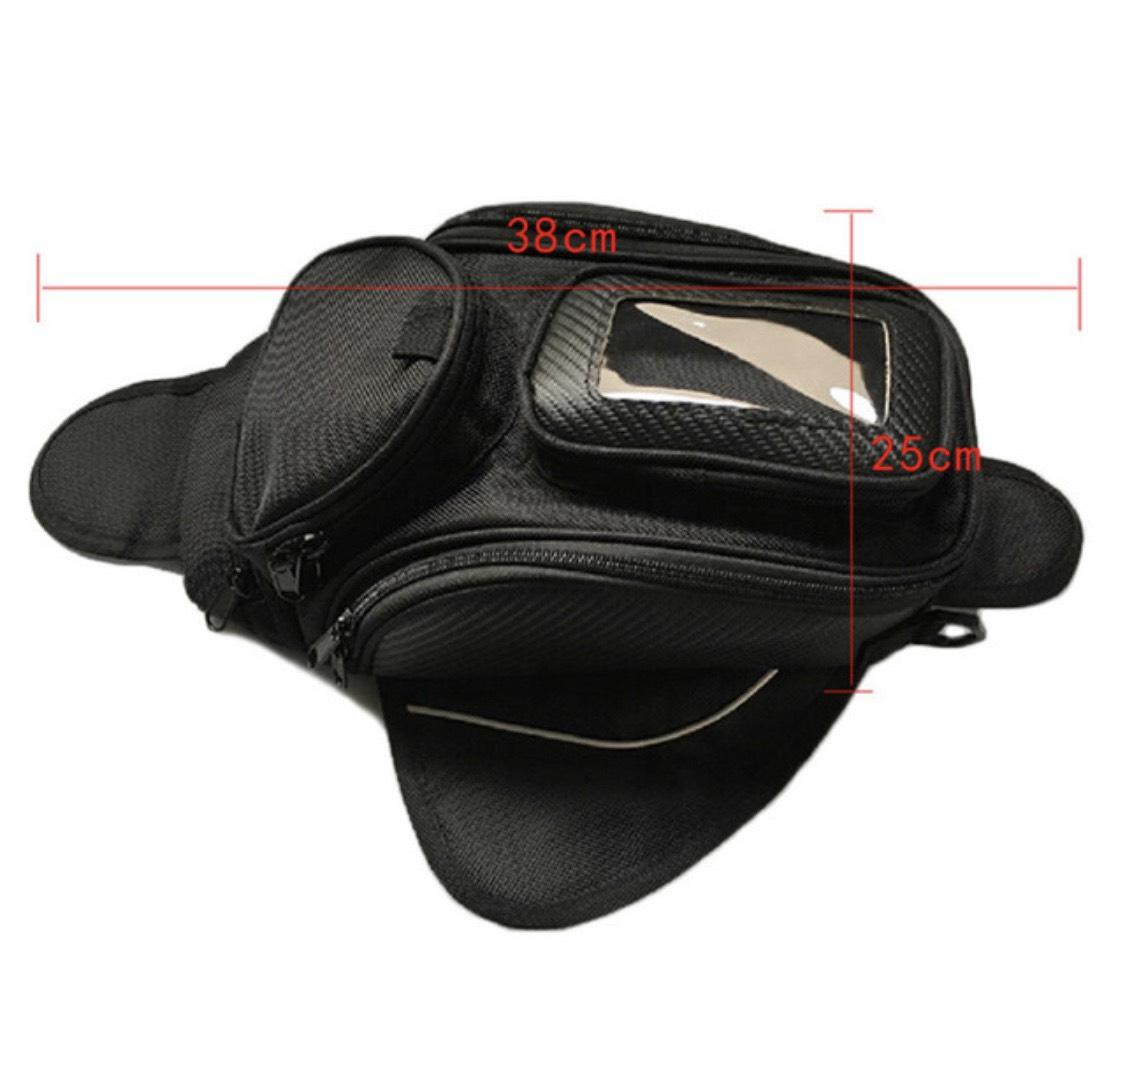 Túi Hít Bình Xăng Cho Xe Moto - THBX-01